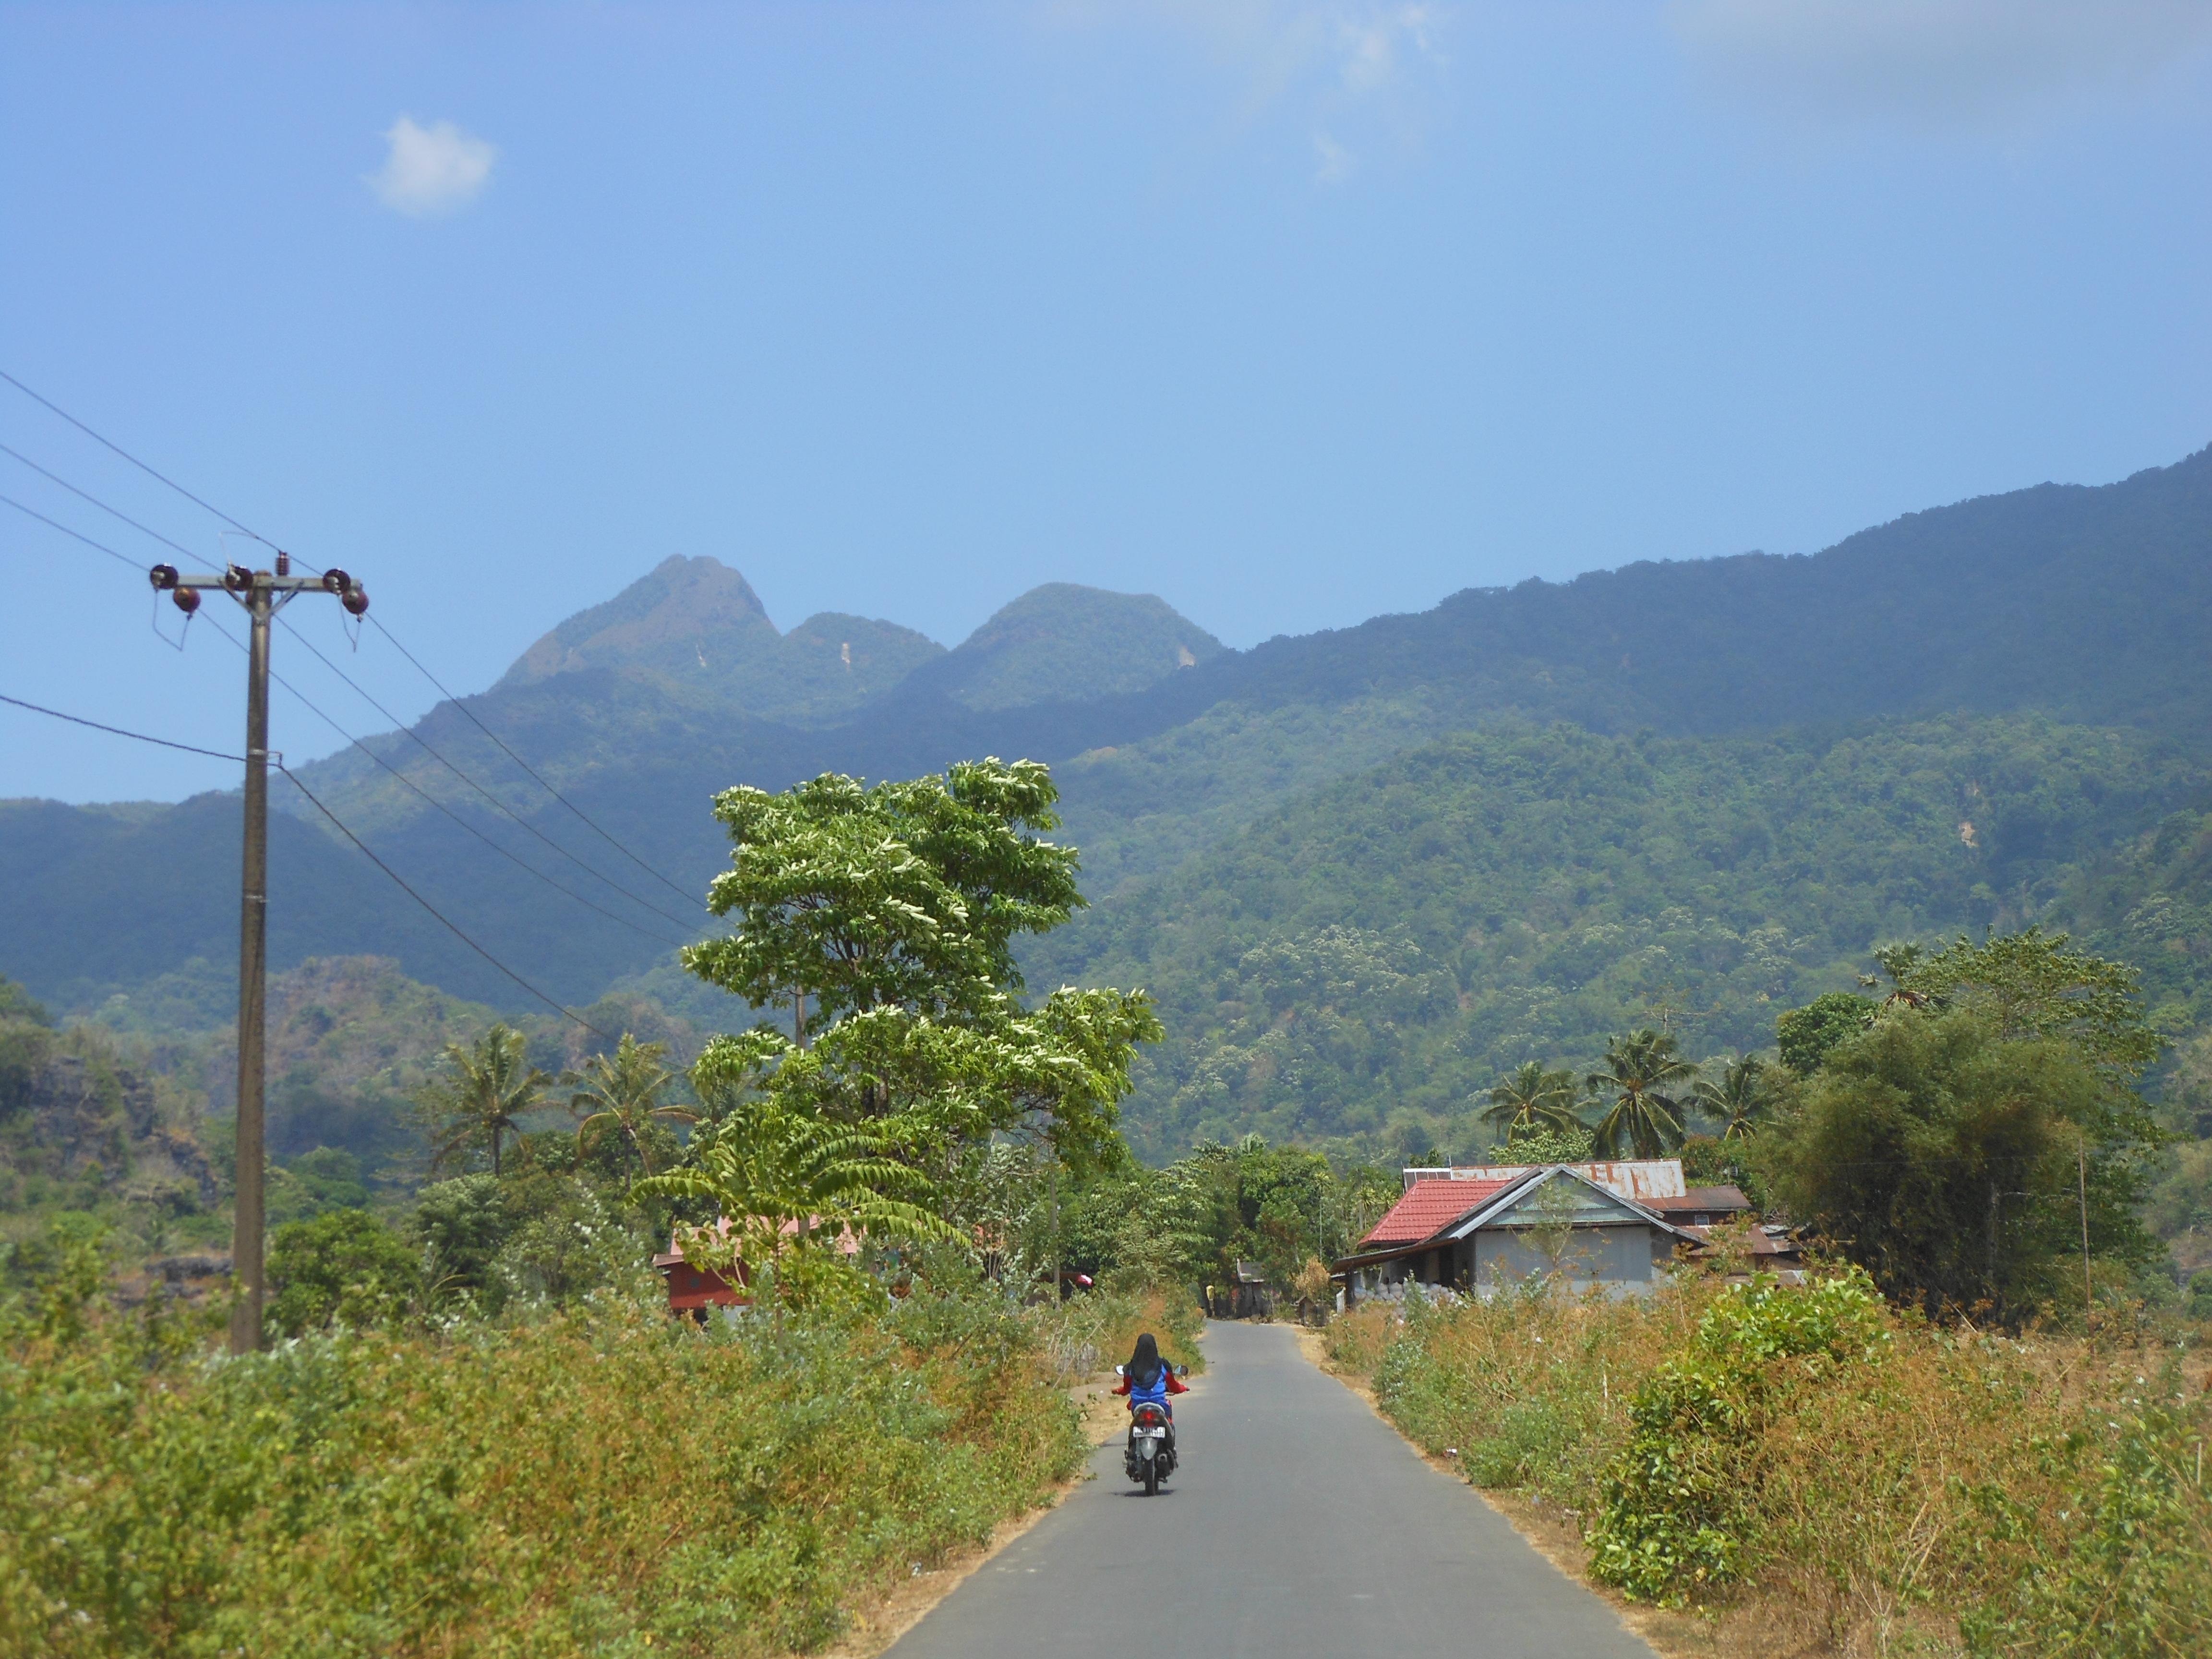 tondongkarambu-089